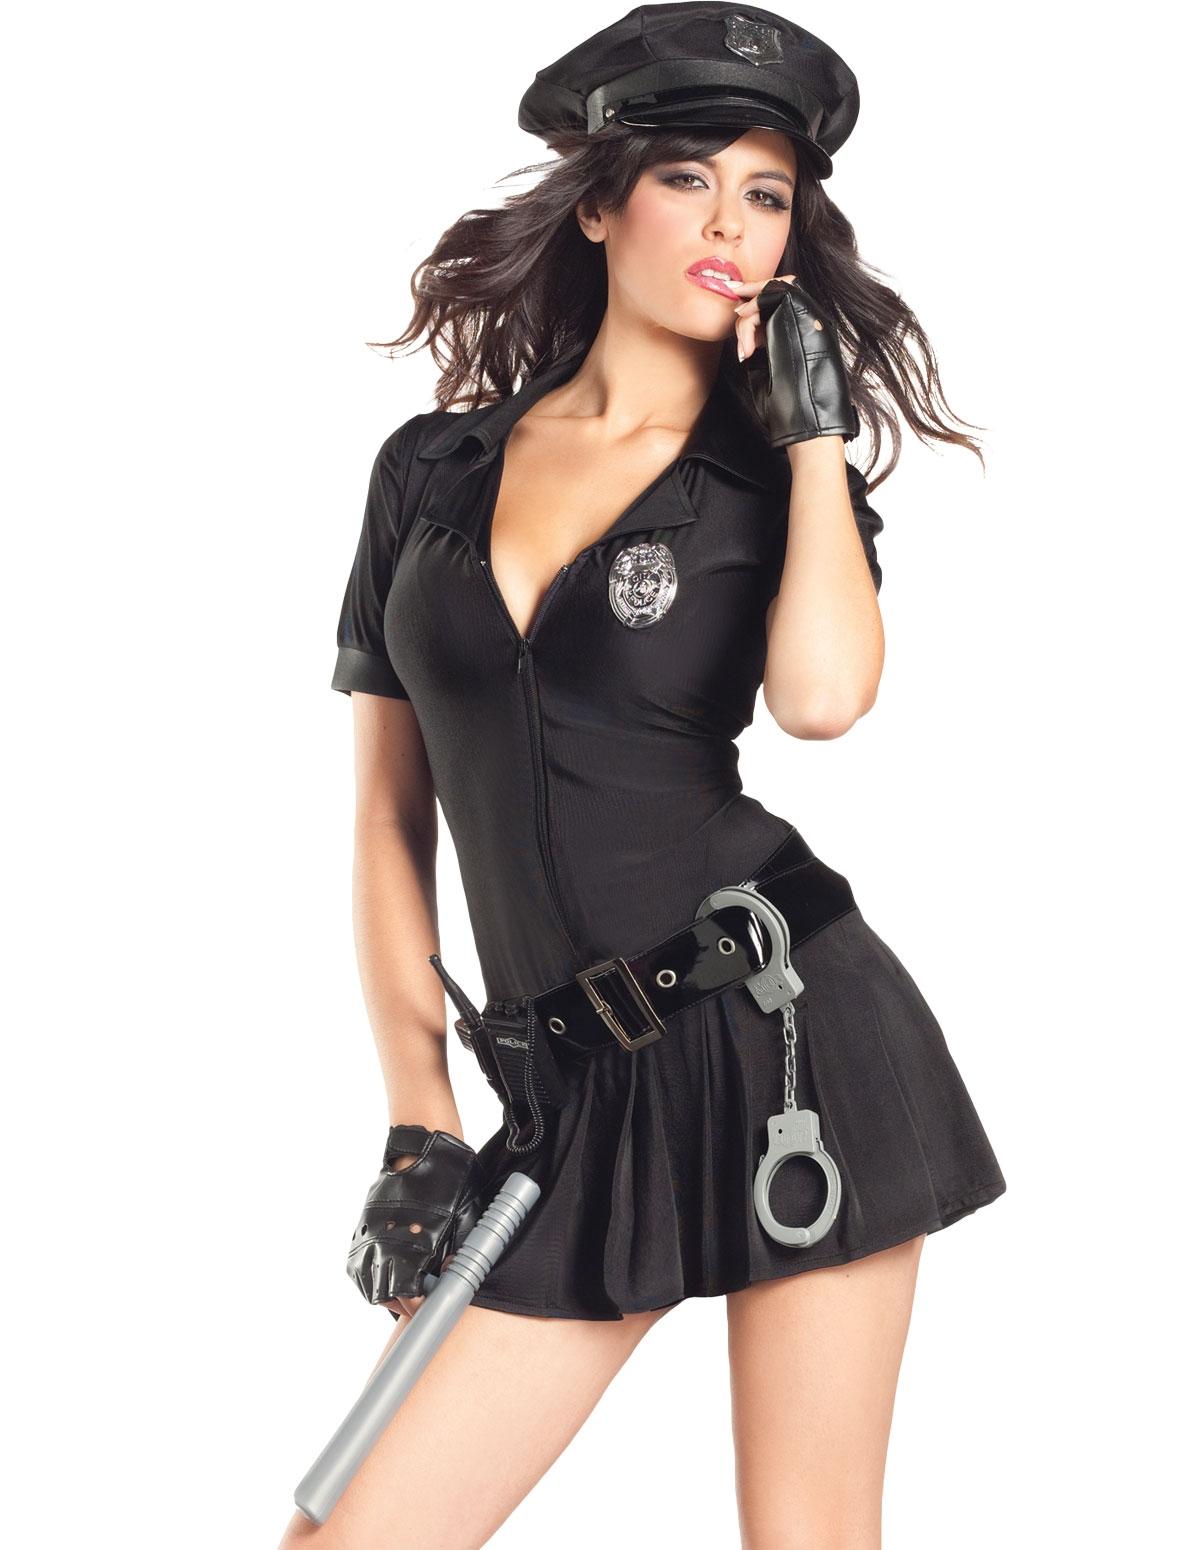 Mrs. Law Cop Costume - Plus